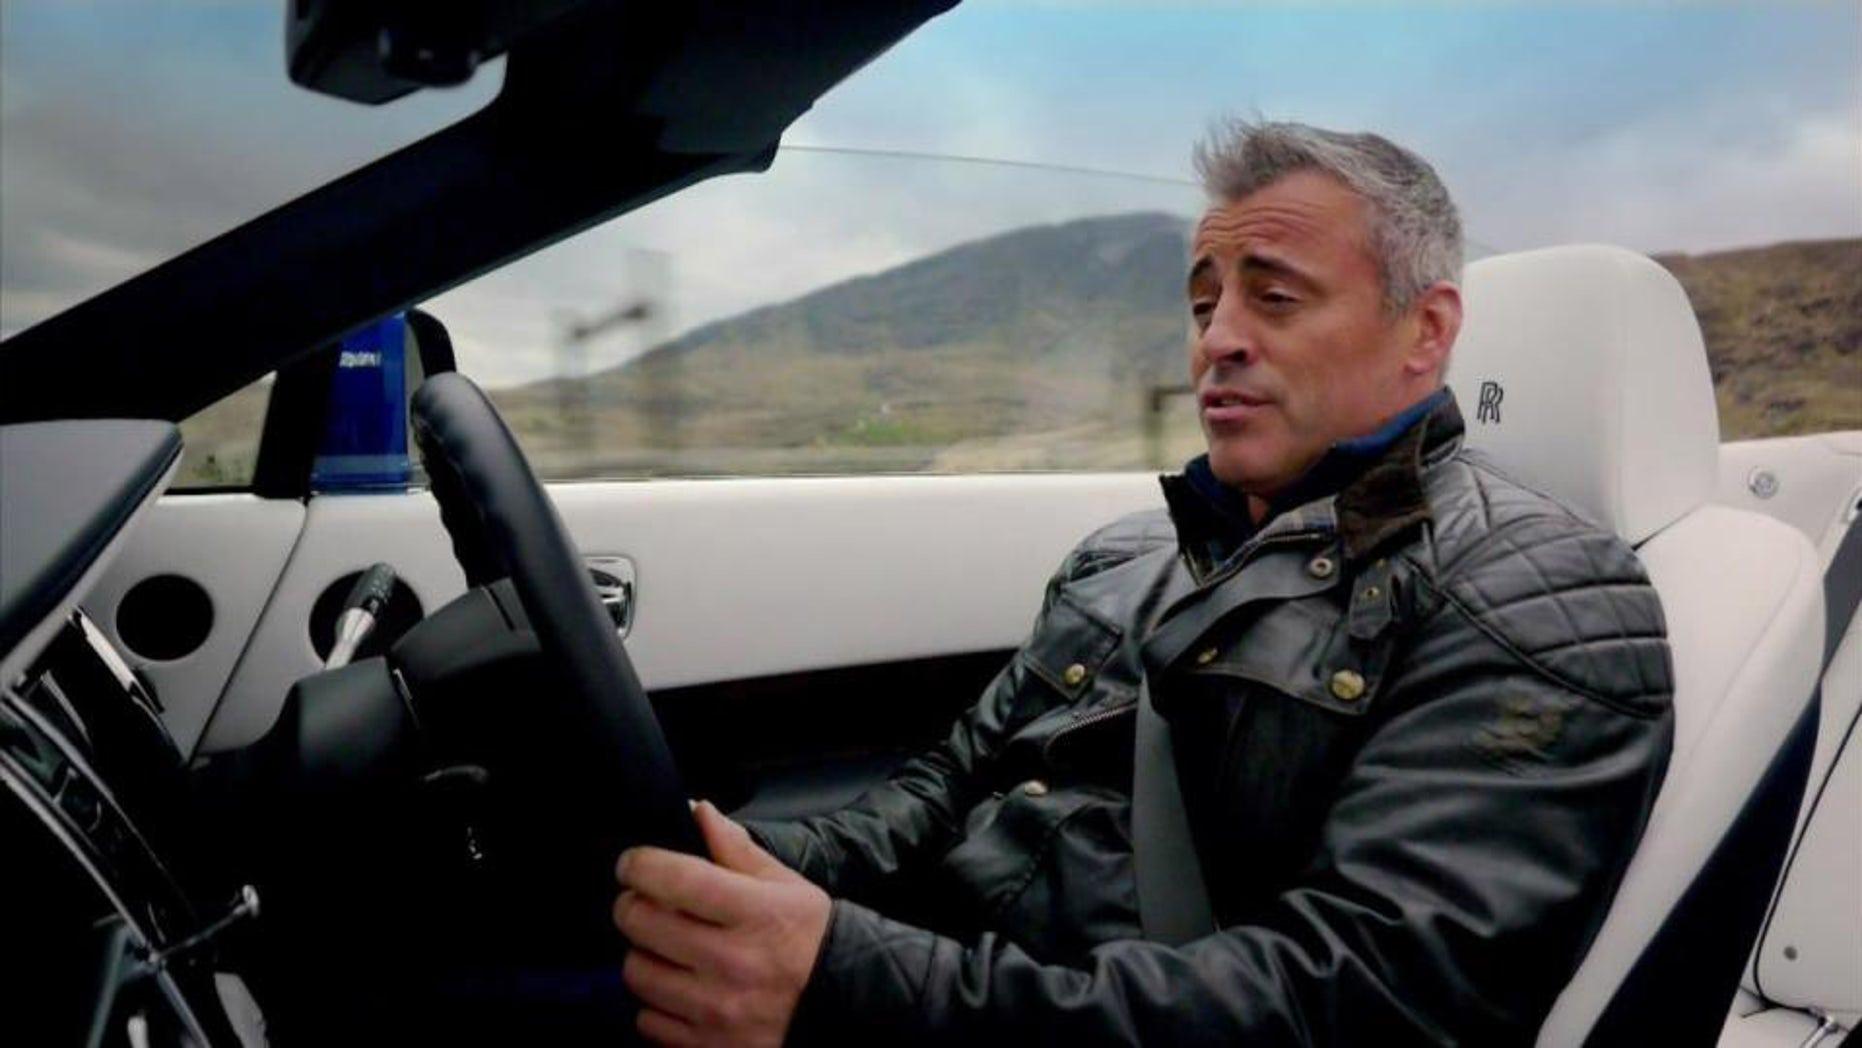 LeBlanc joined 'Top Gear' in 2016.